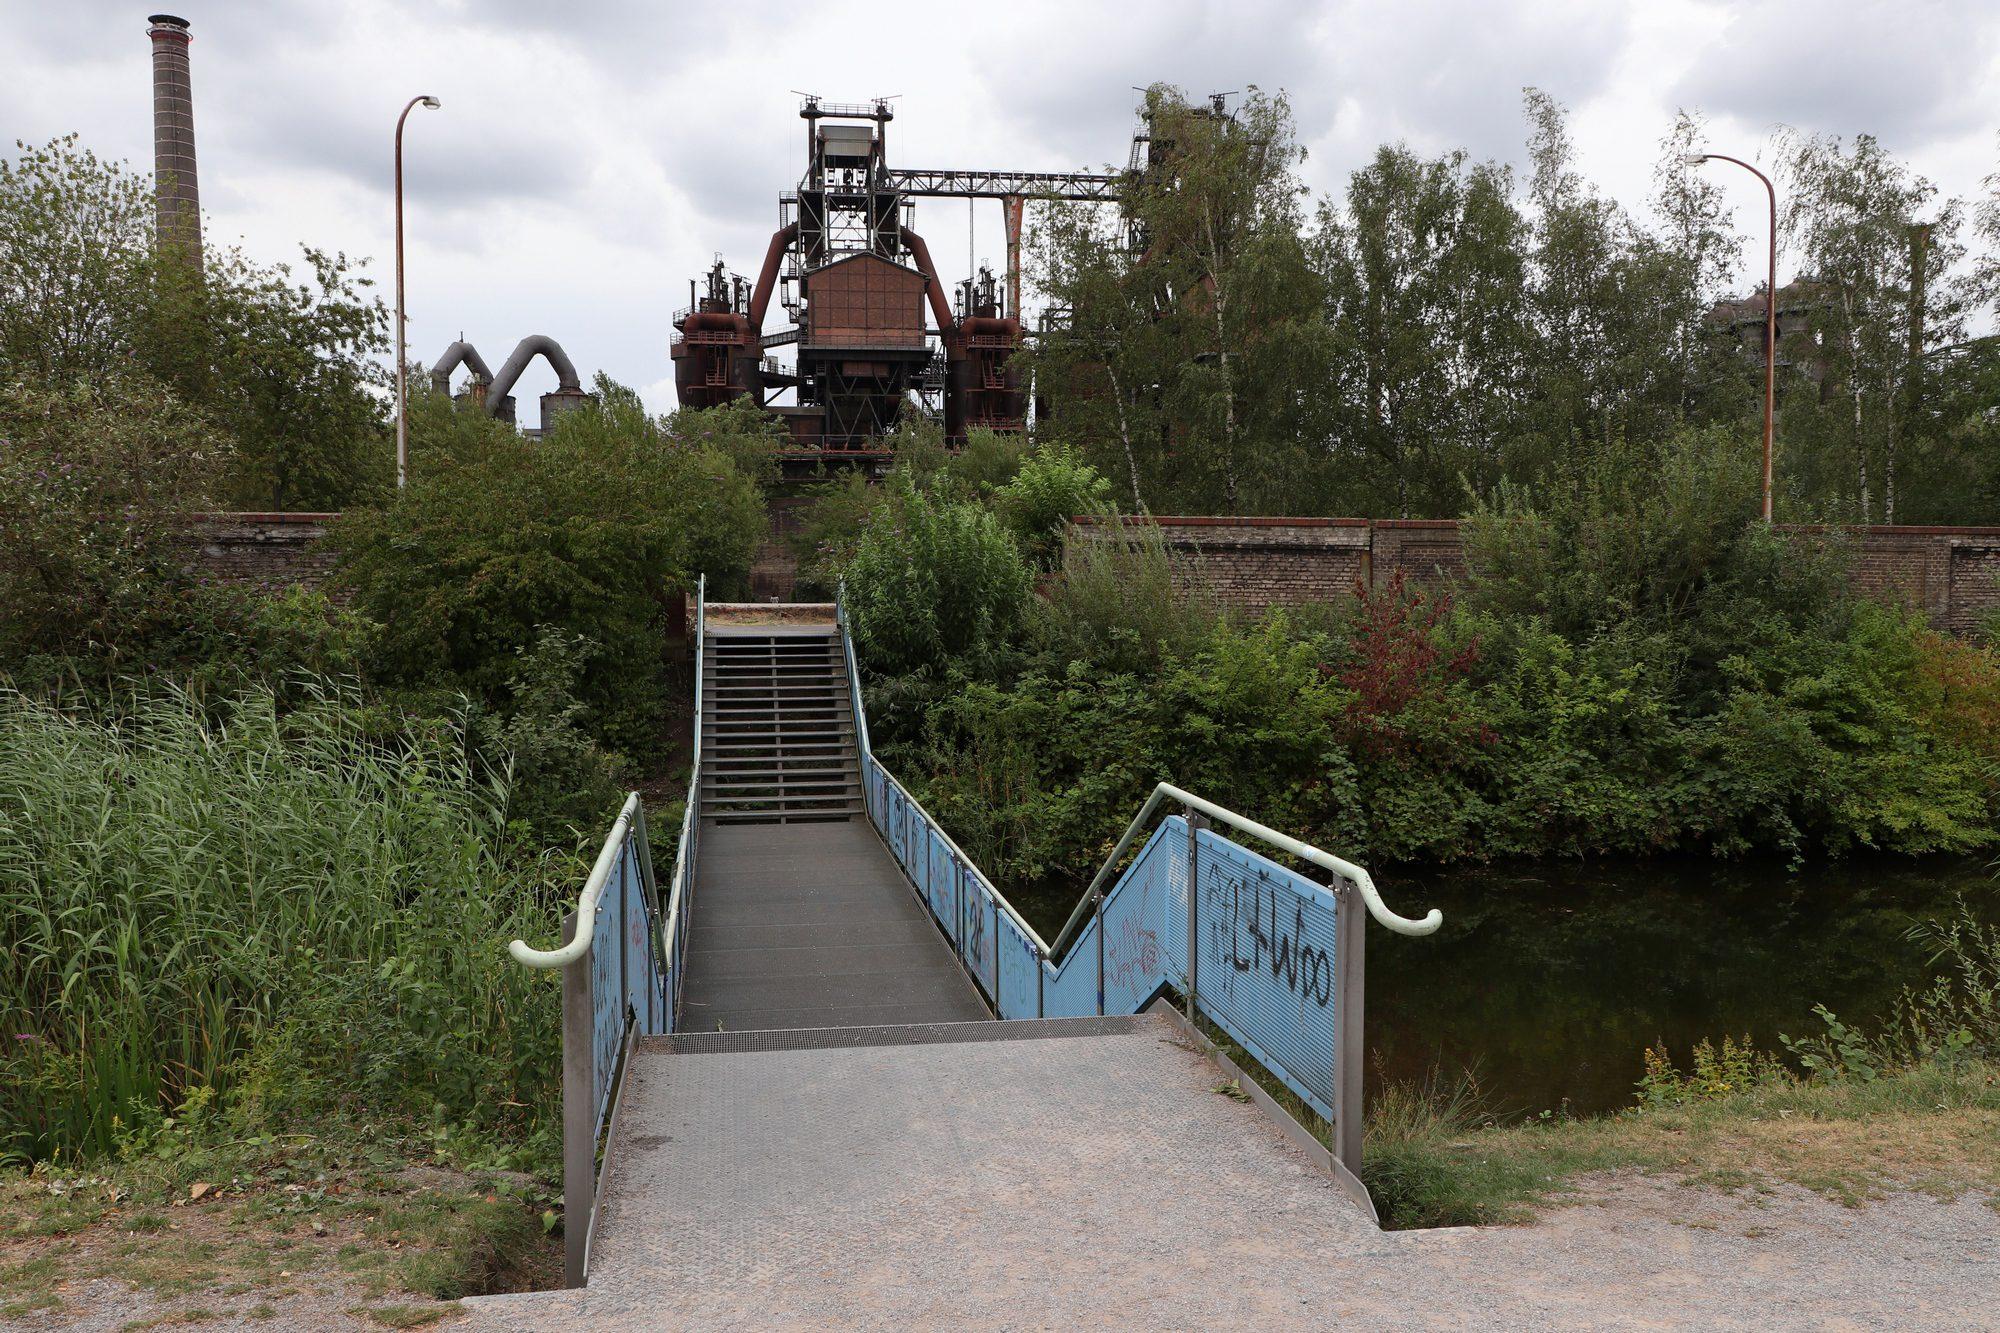 Alte Industrieanlagen im Landschaftspark Duisburg-Nord